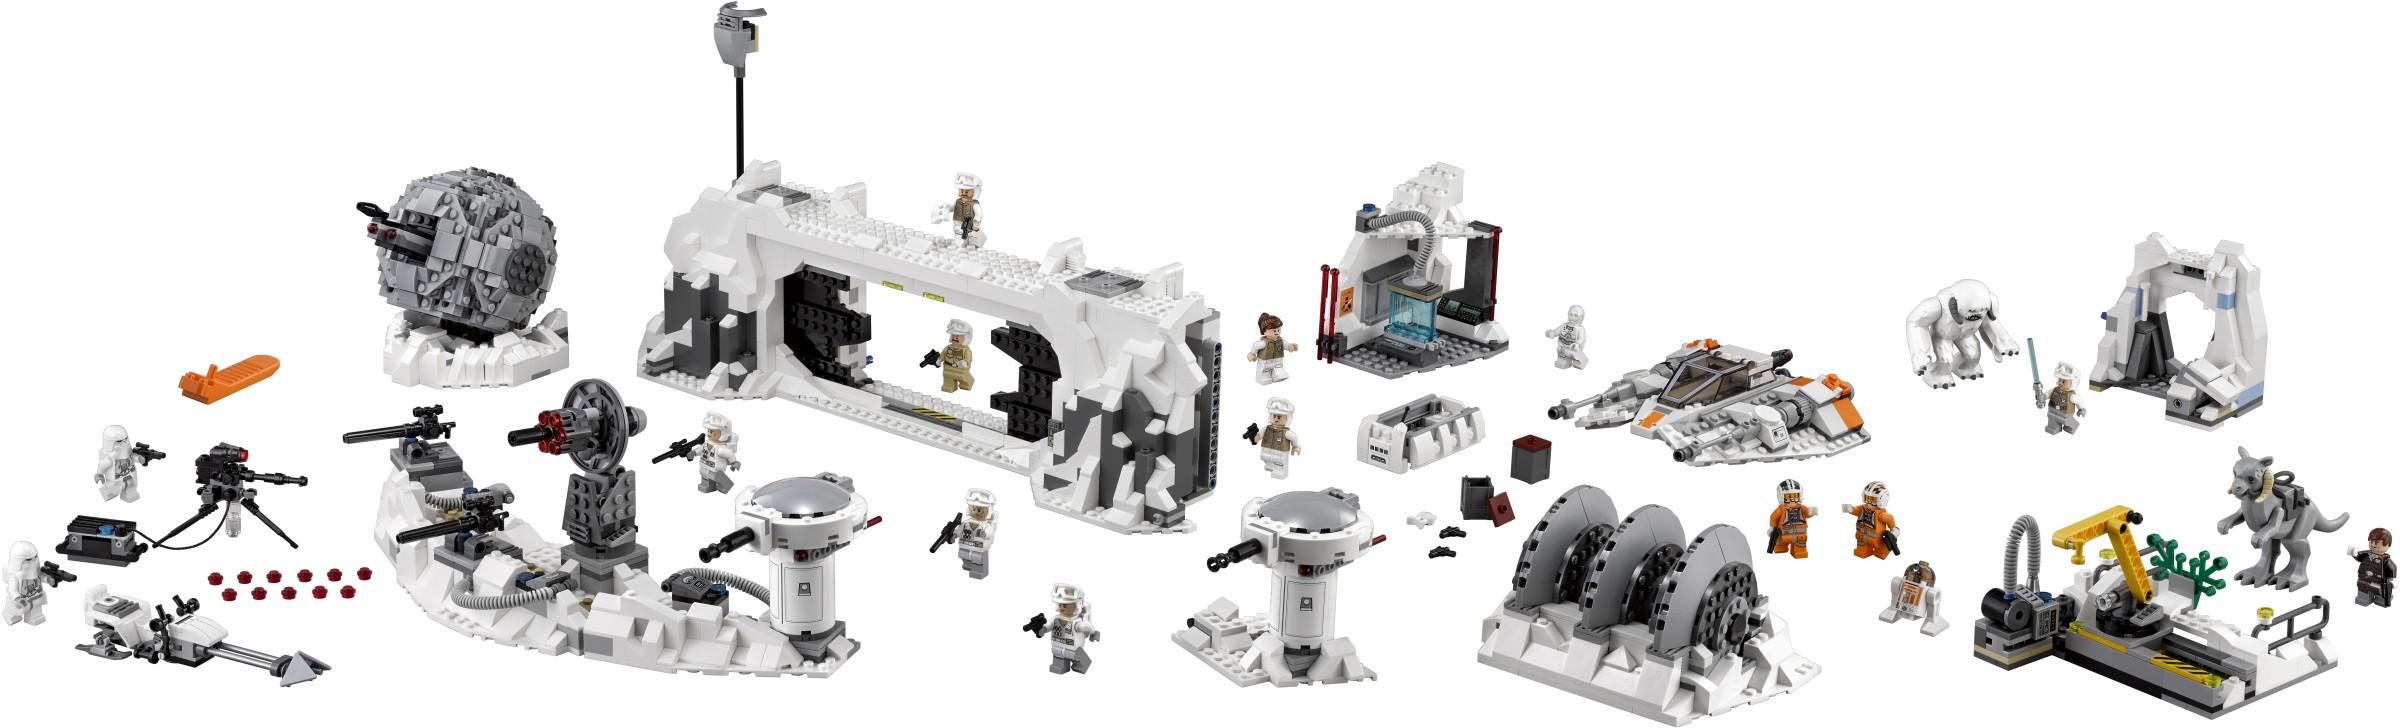 こんな大人レゴ(LEGO)が欲しい!2021年はどんな大人のレゴが発売される?